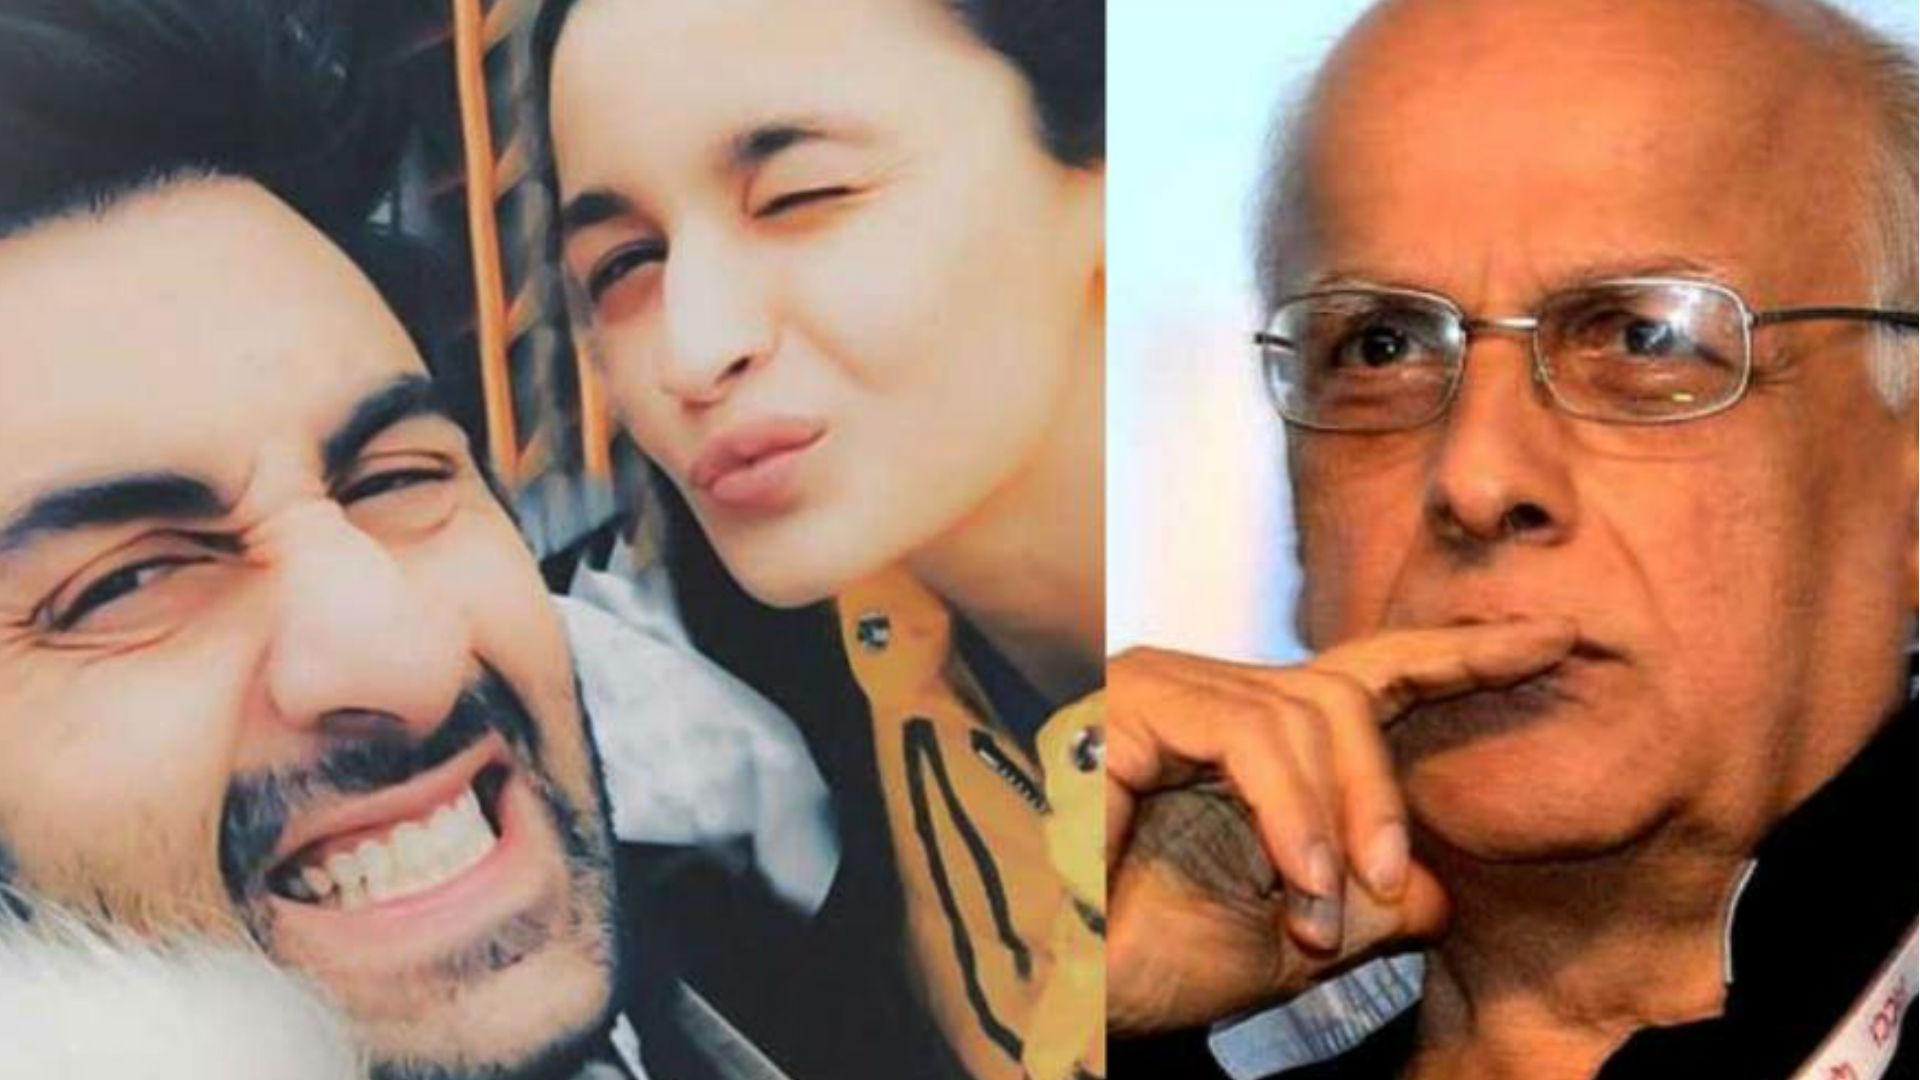 रणबीर कपूर-आलिया भट्ट जल्द करेंगे शादी! बॉलीवुड के 'संजू' ने पिता महेश भट्ट से मांगा एक्ट्रेस का हाथ